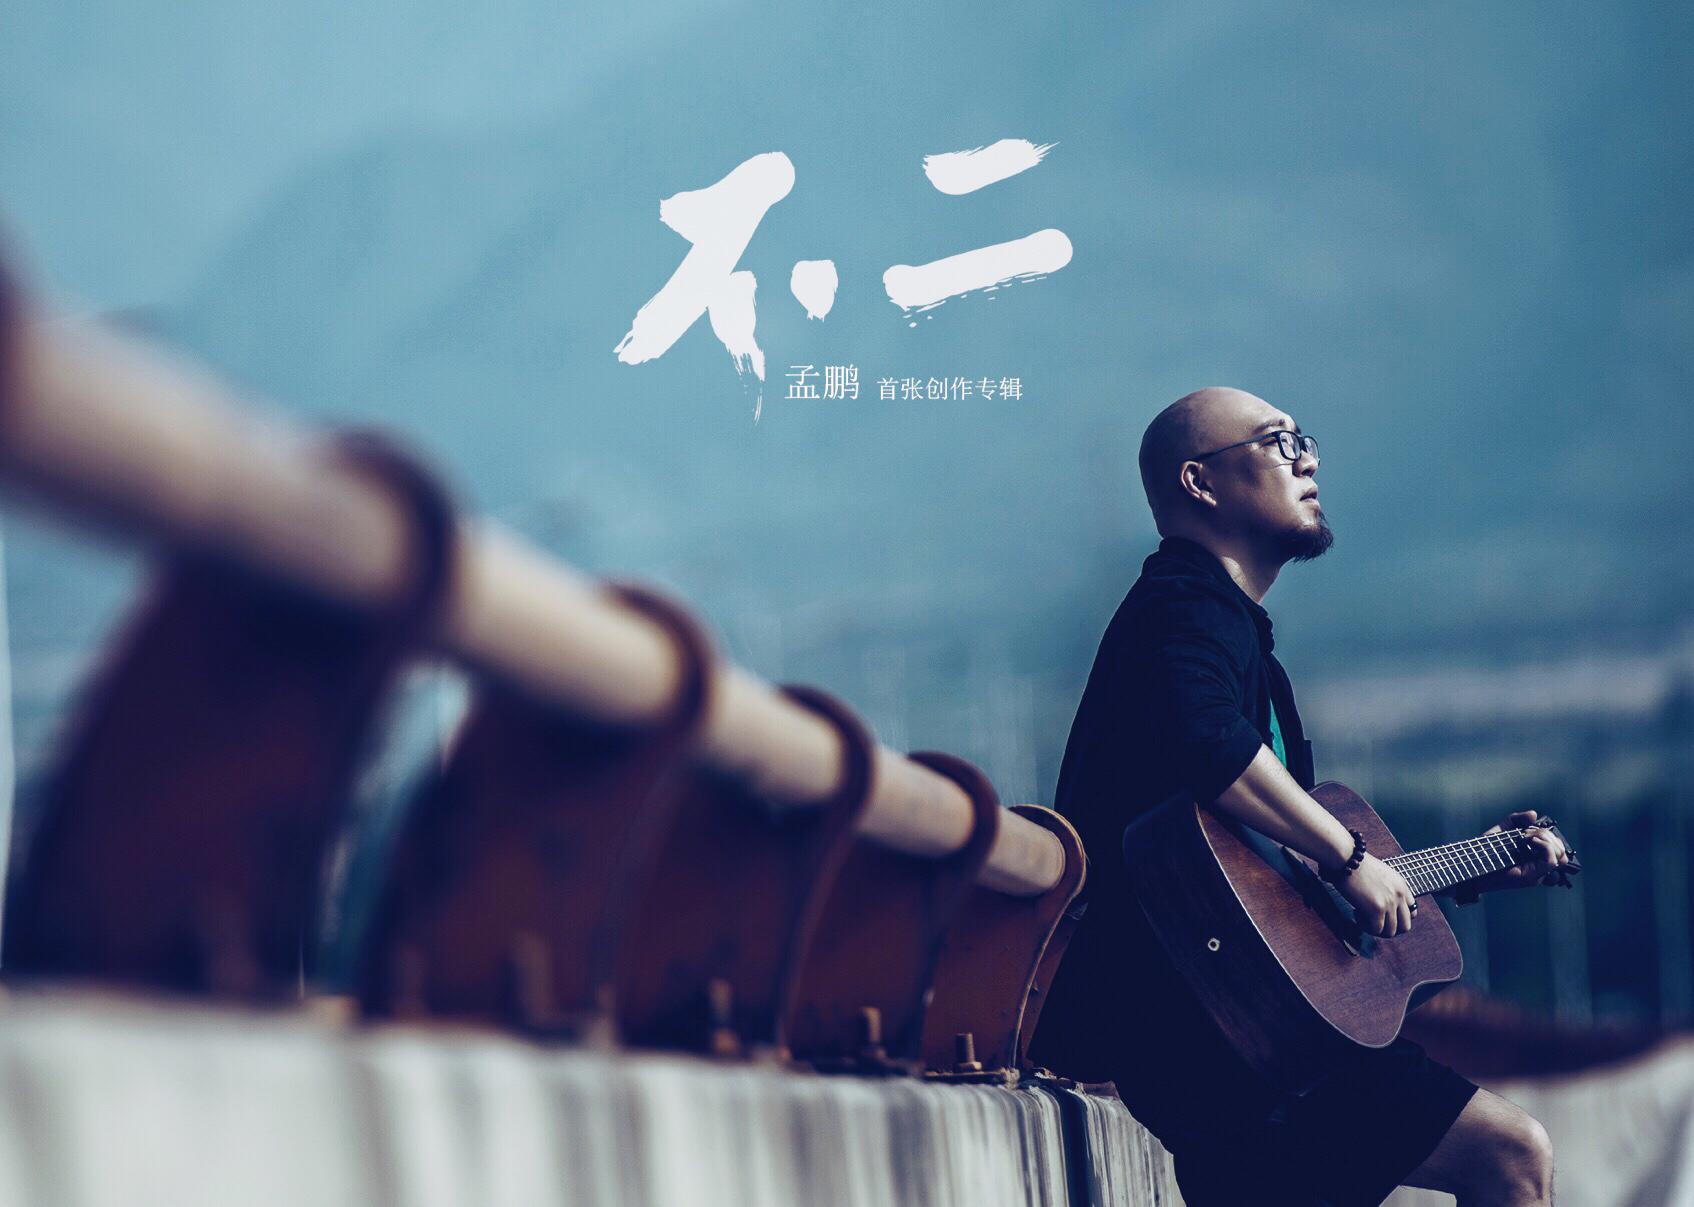 孟鹏新专辑记录多年对音乐感悟 获圈内好友祝福